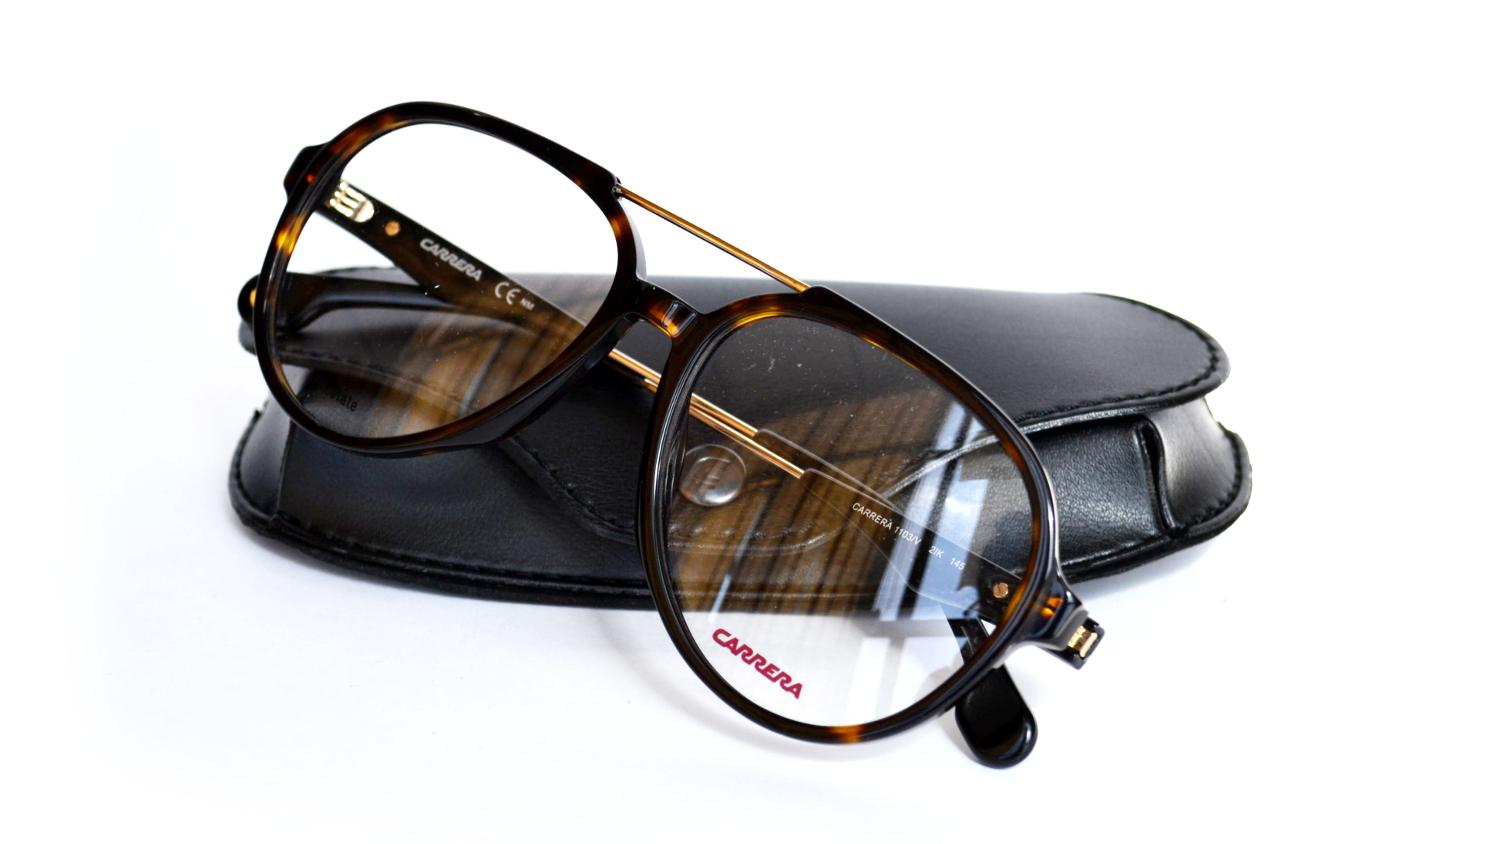 8adcf0b22 Se seu pai é moderno e adora as novidades da moda, comprar um óculos  estiloso vai ser um presente garantido de agradar! Marcas como Ray-Ban  sempre oferecem ...